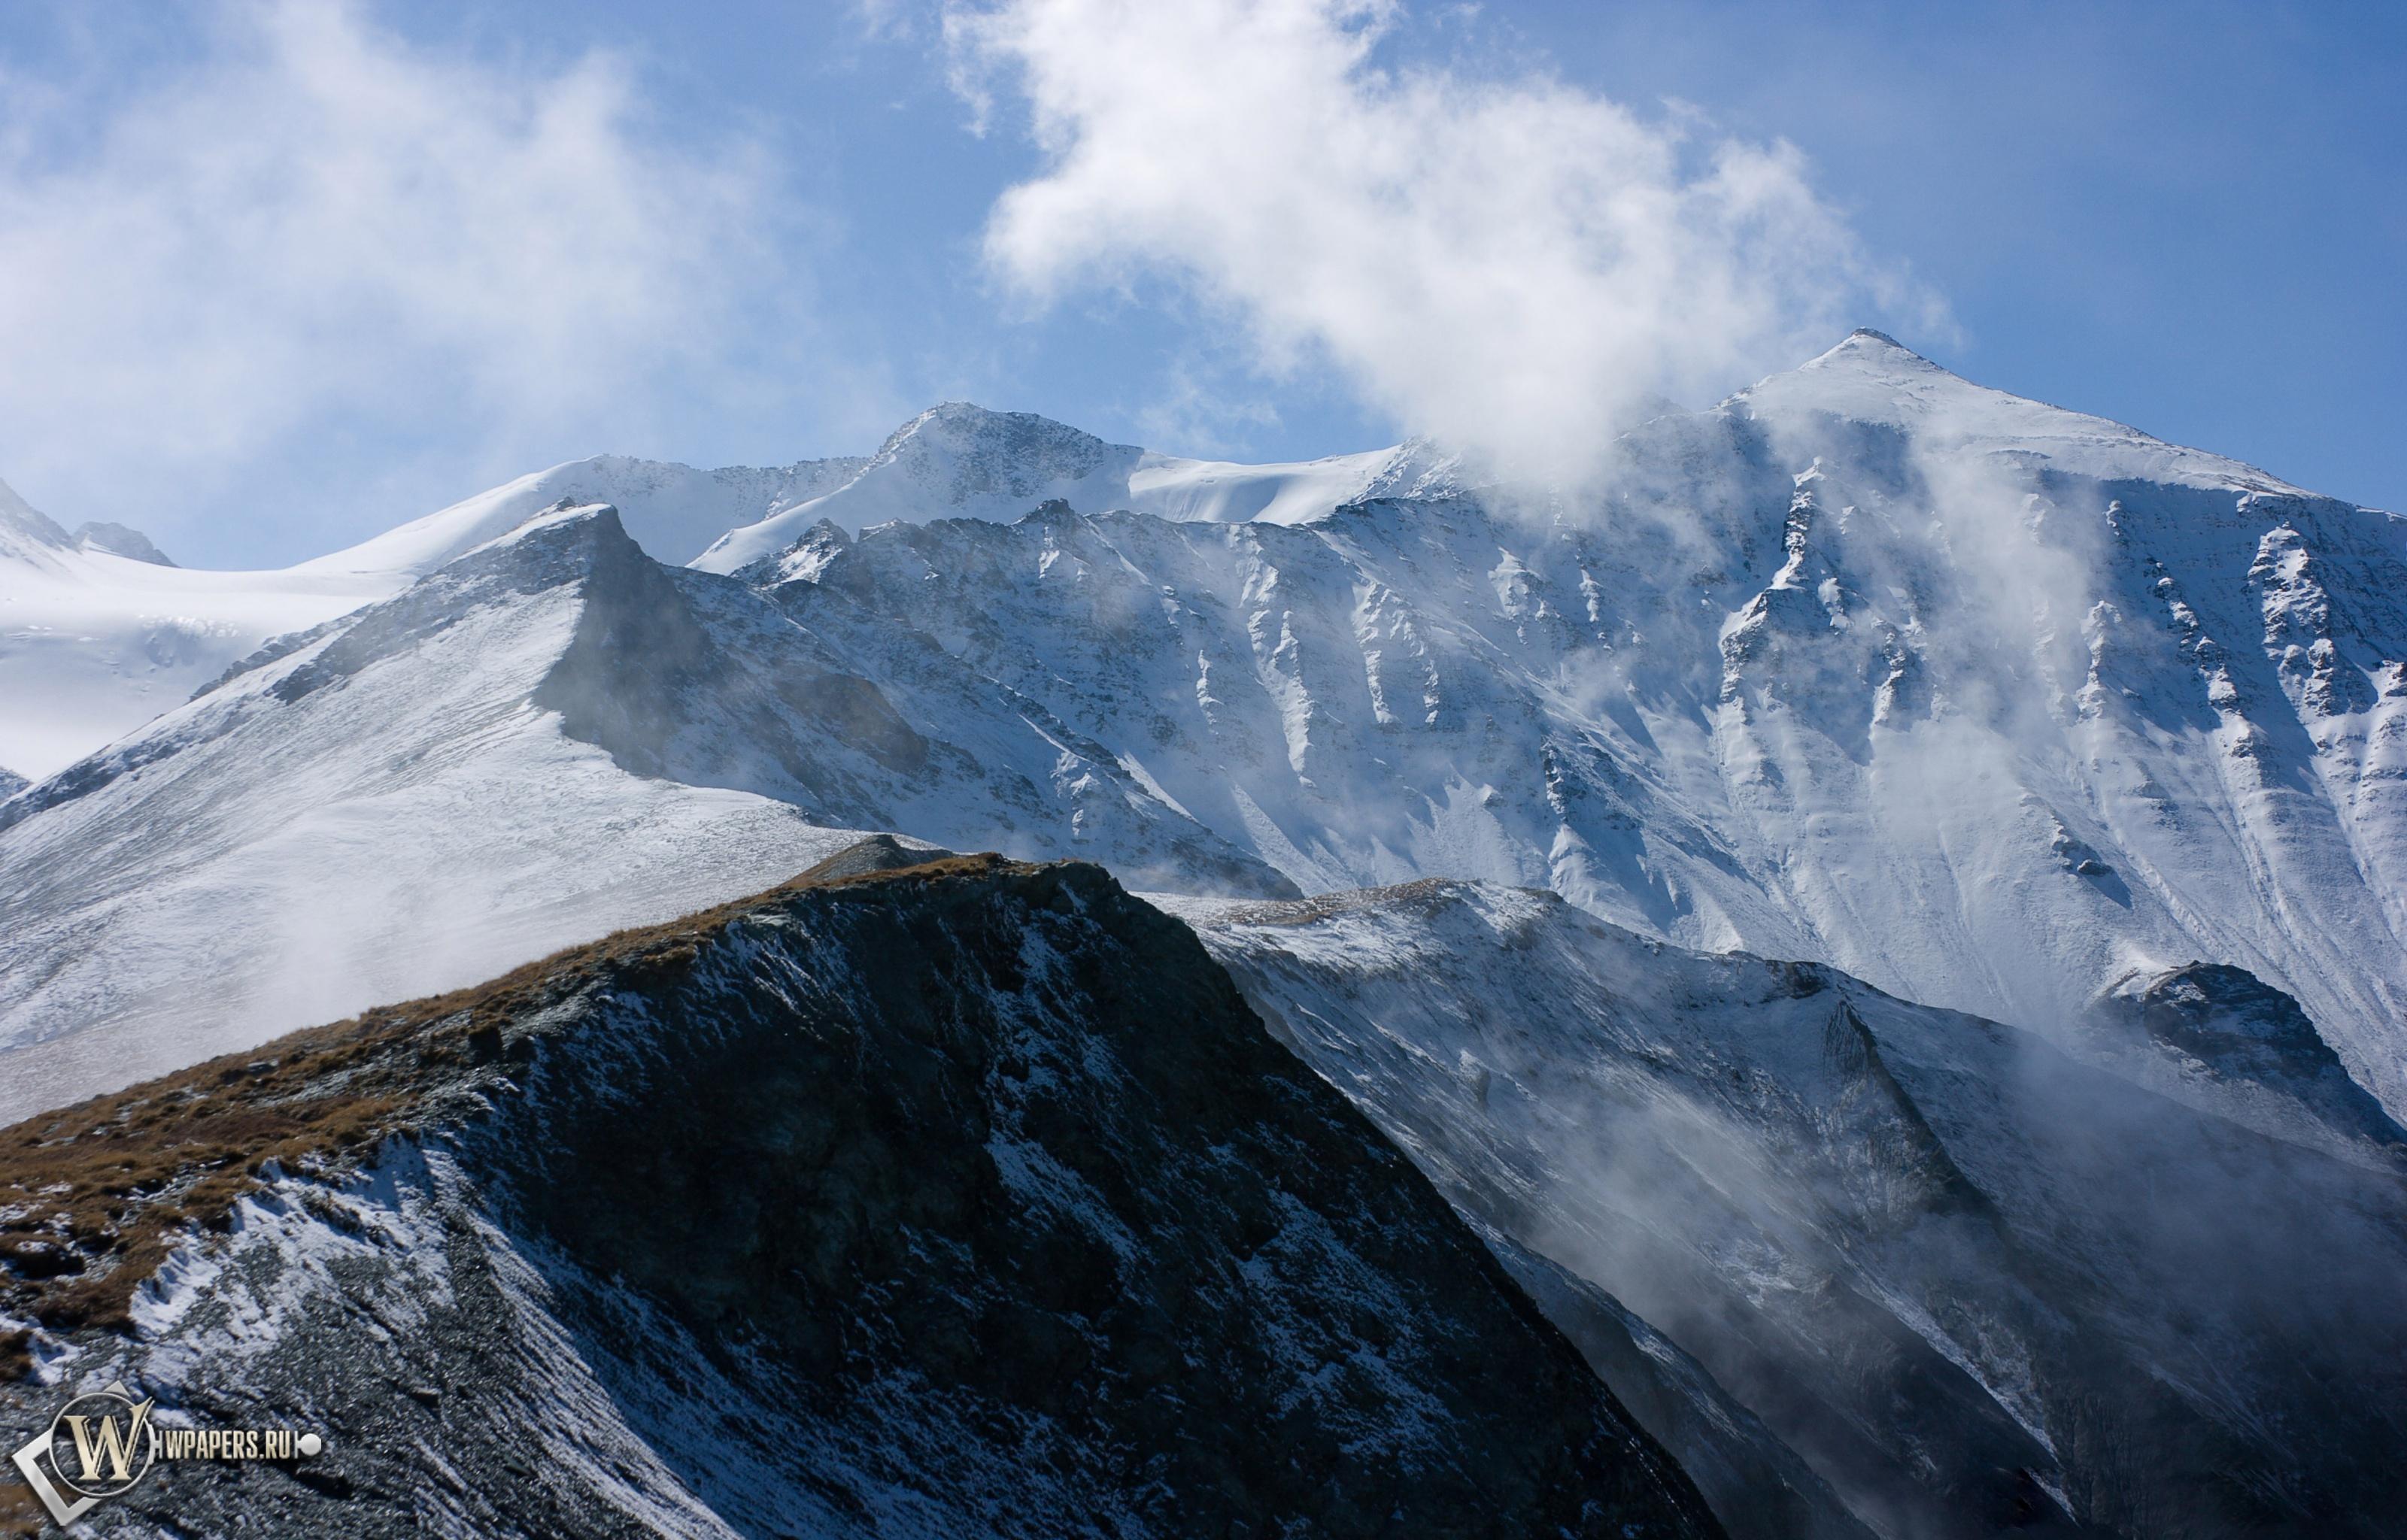 Заснеженые холмы 3200x2048